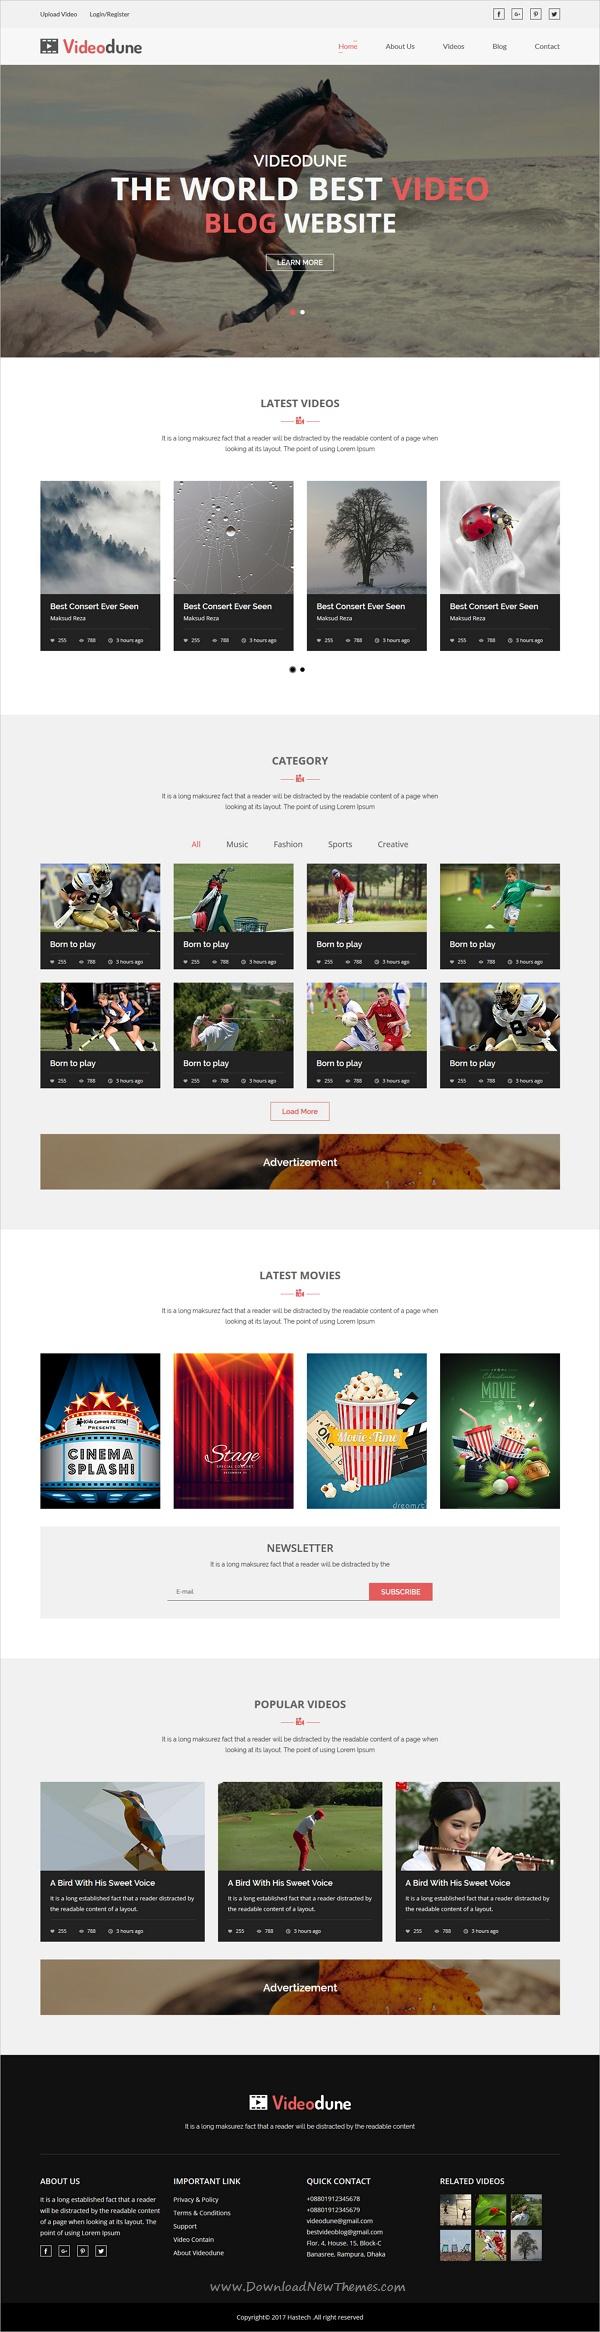 Videodune Video Blog Html Template Pinterest Template